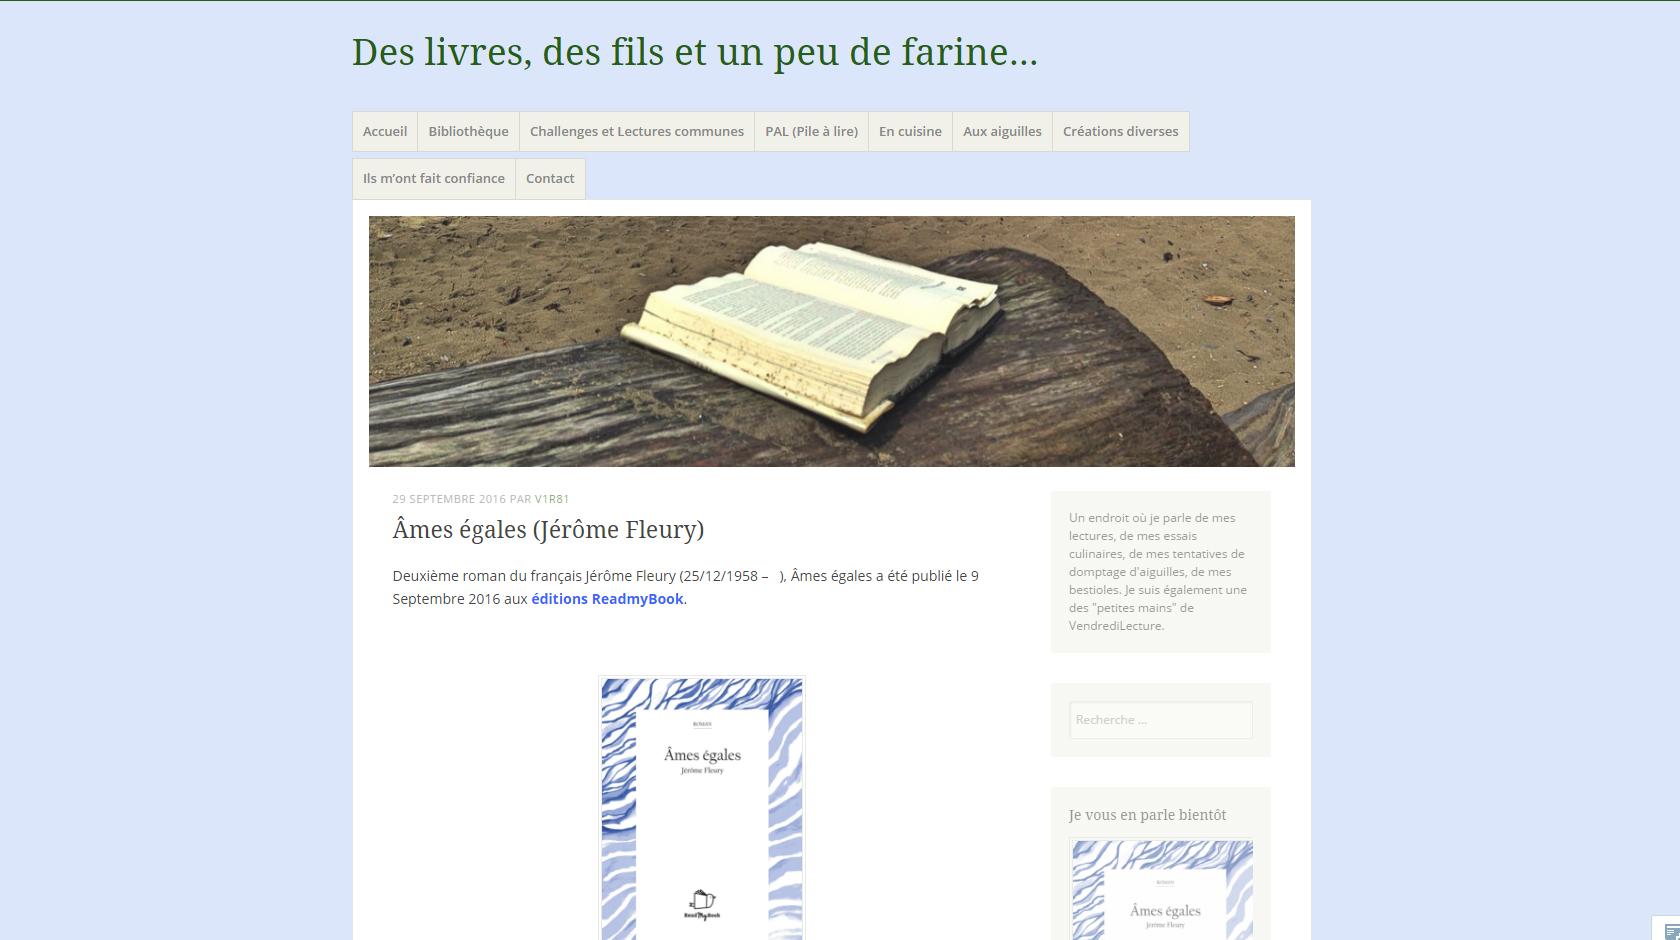 Des livres, des fils et un peu de farine : Âmes égales de Jérôme Fleury